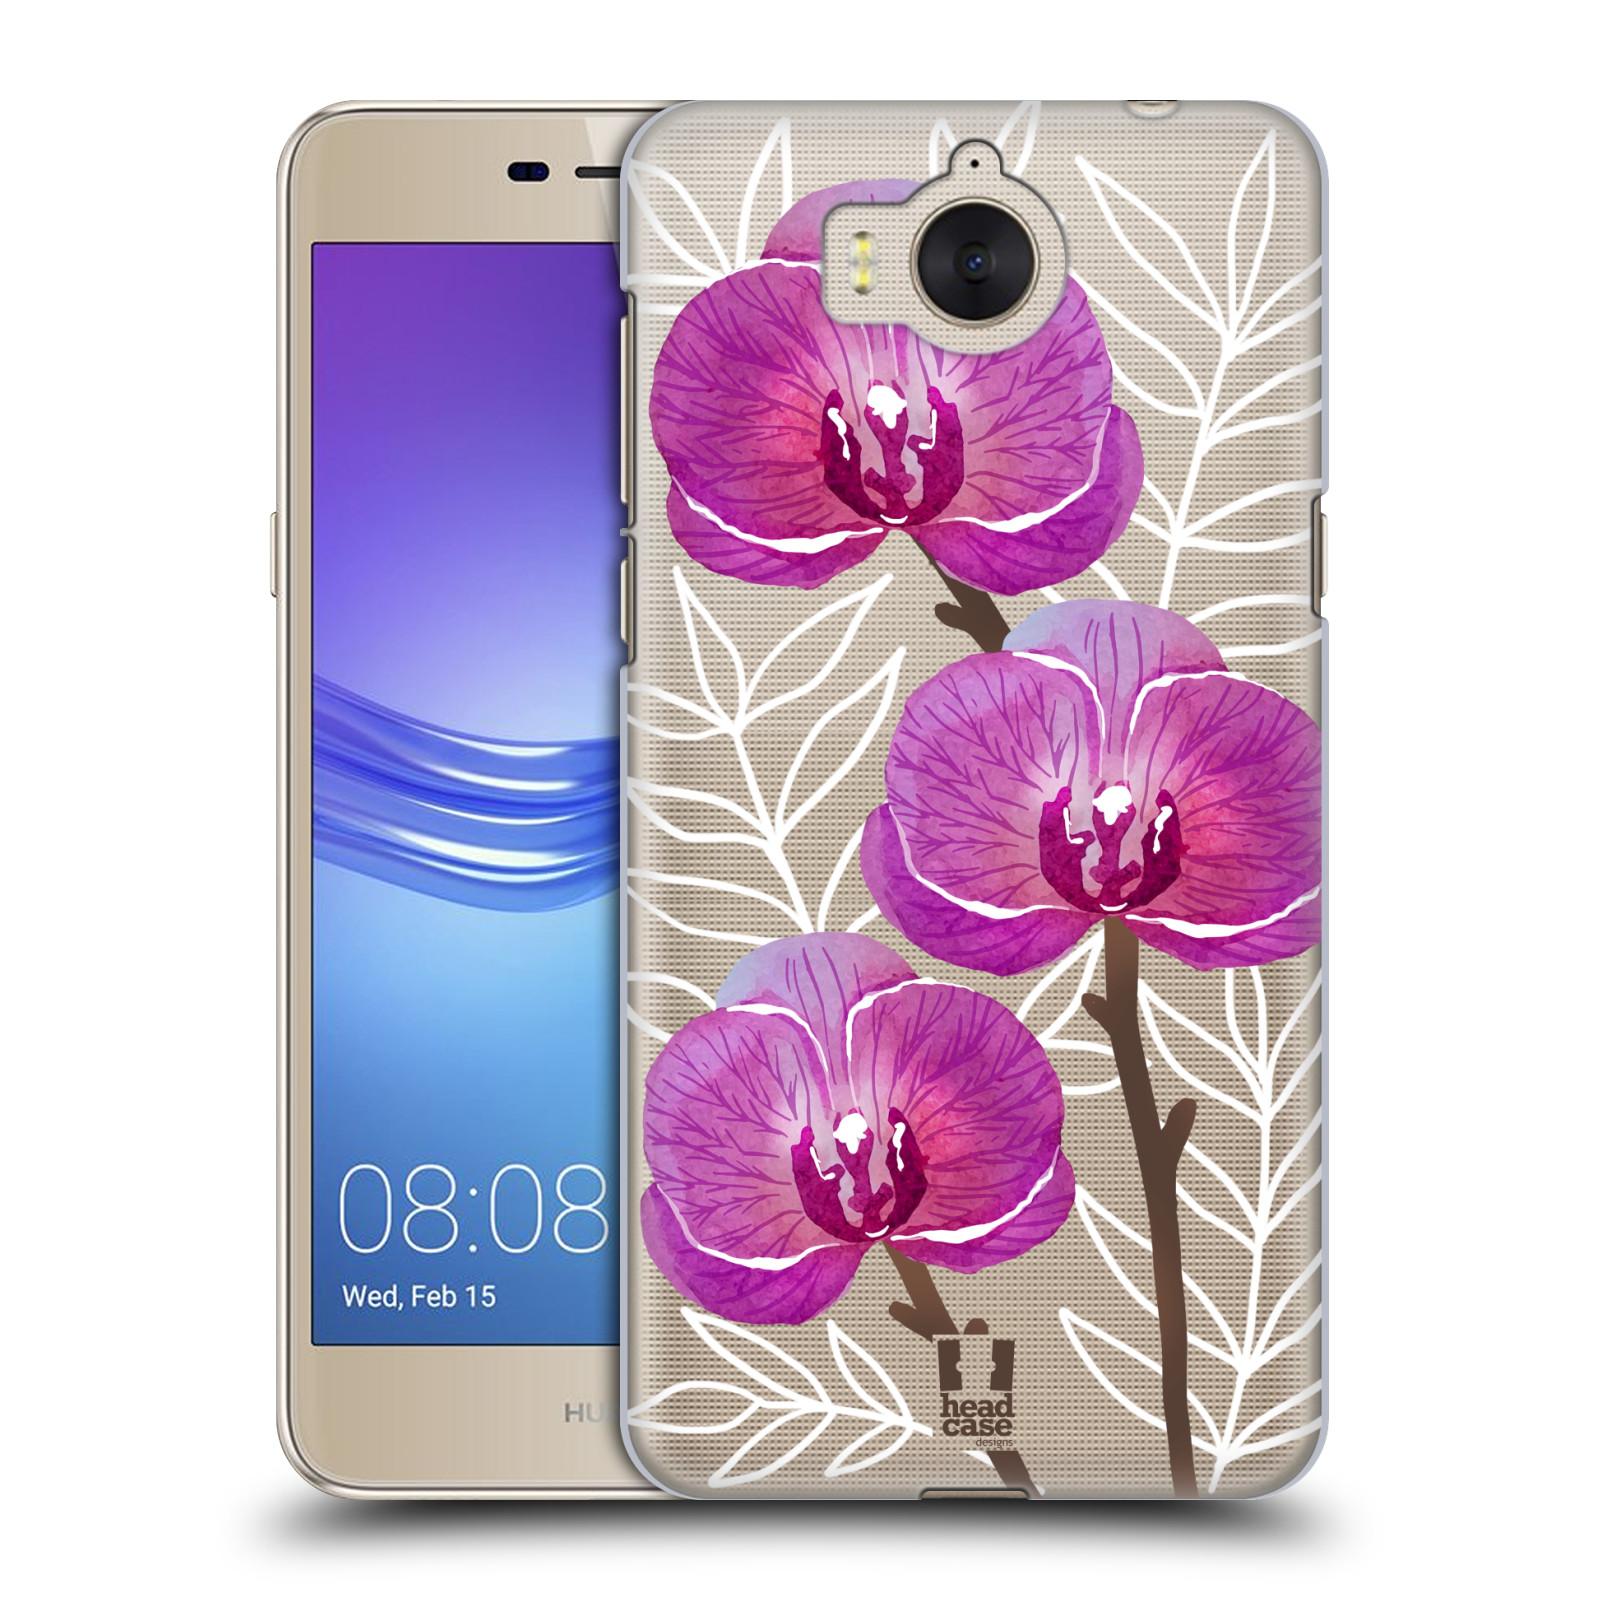 Plastové pouzdro na mobil Huawei Y6 2017 - Head Case - Hezoučké kvítky - průhledné